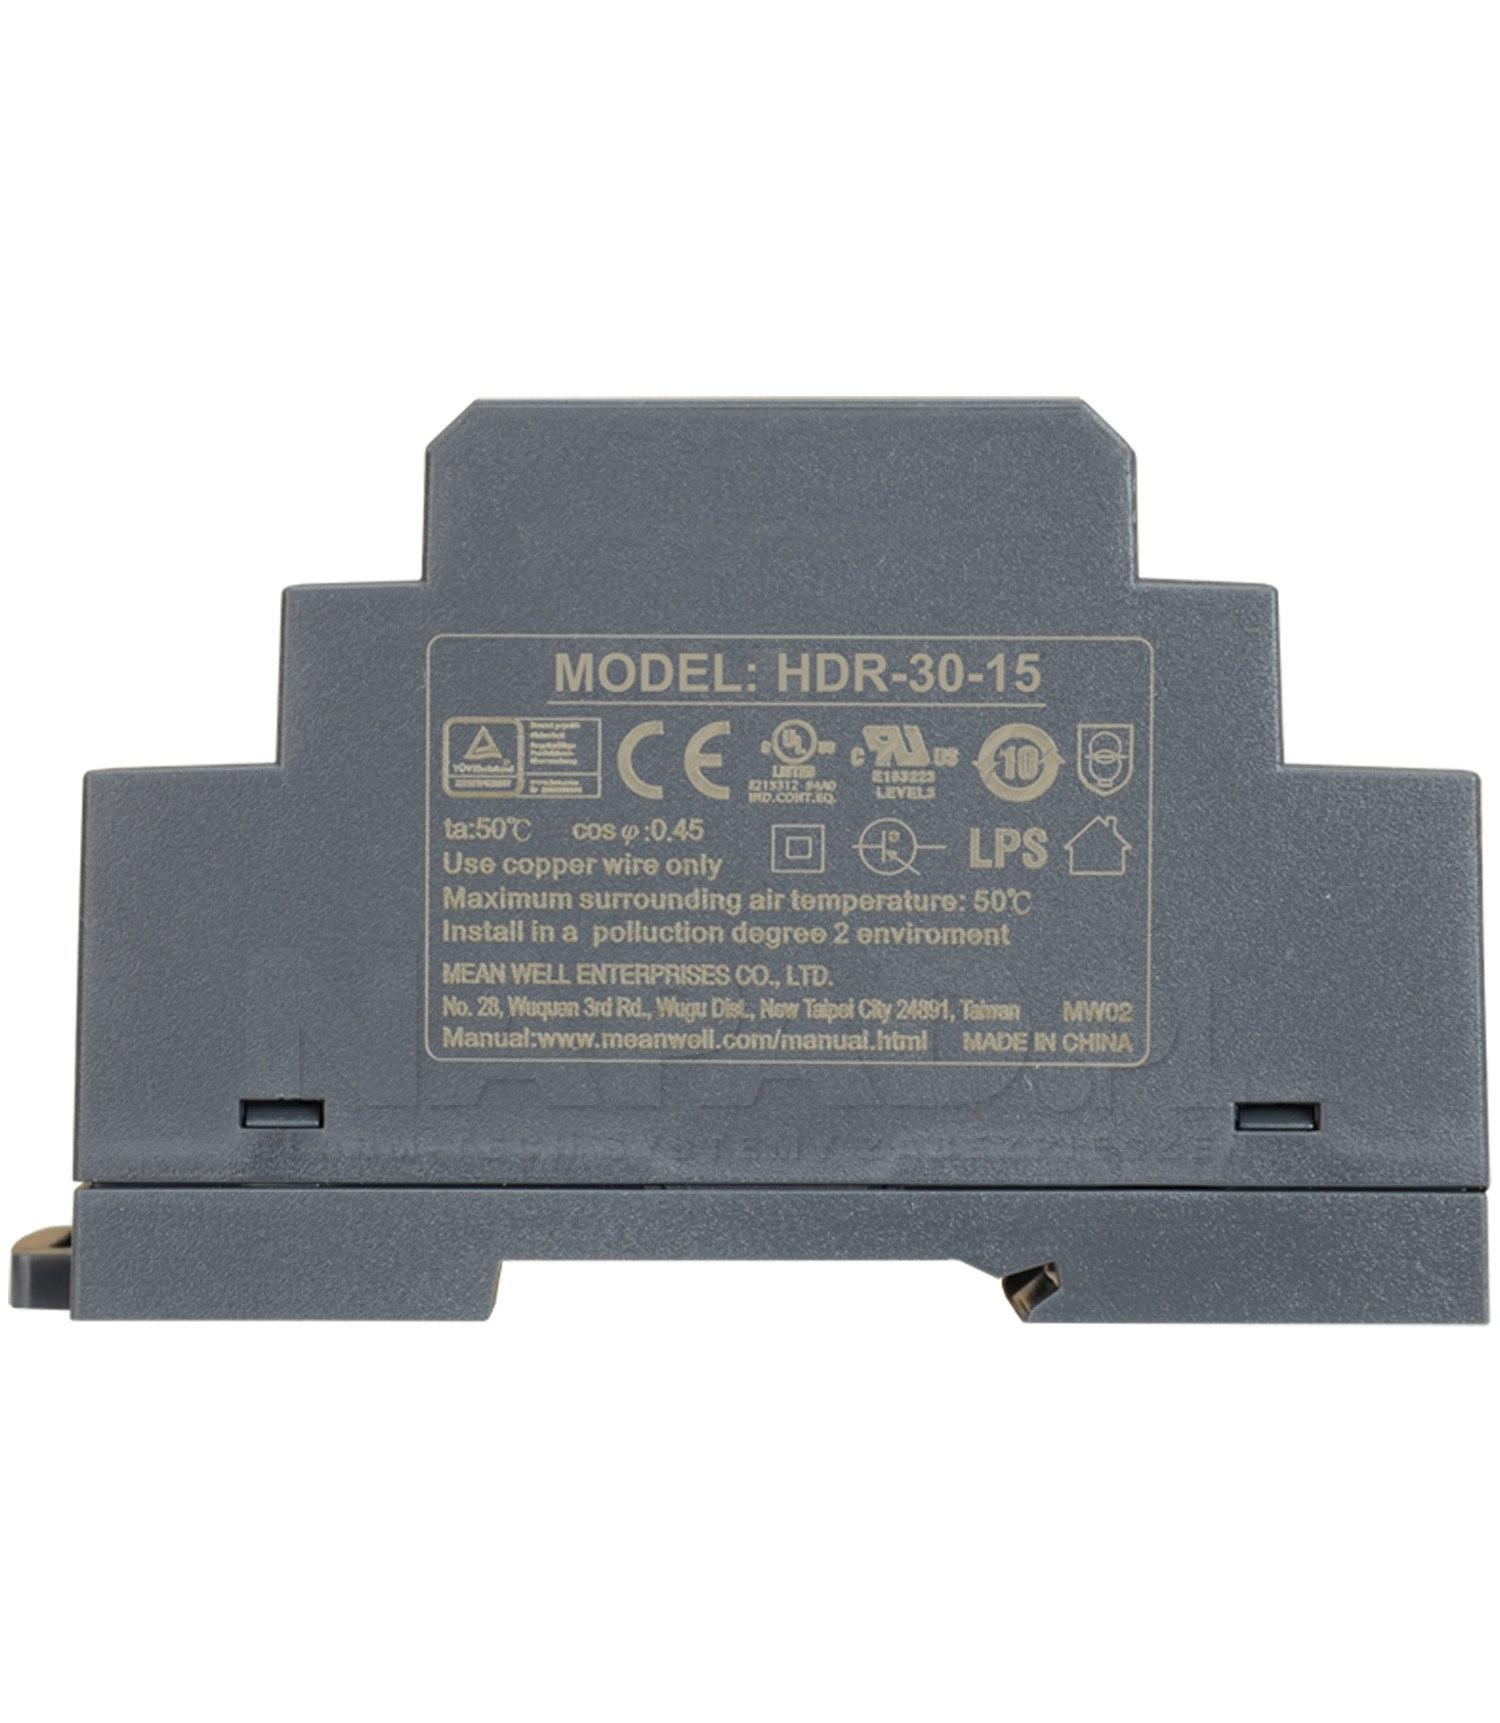 Zasilacz impulsowy HDR-30-15